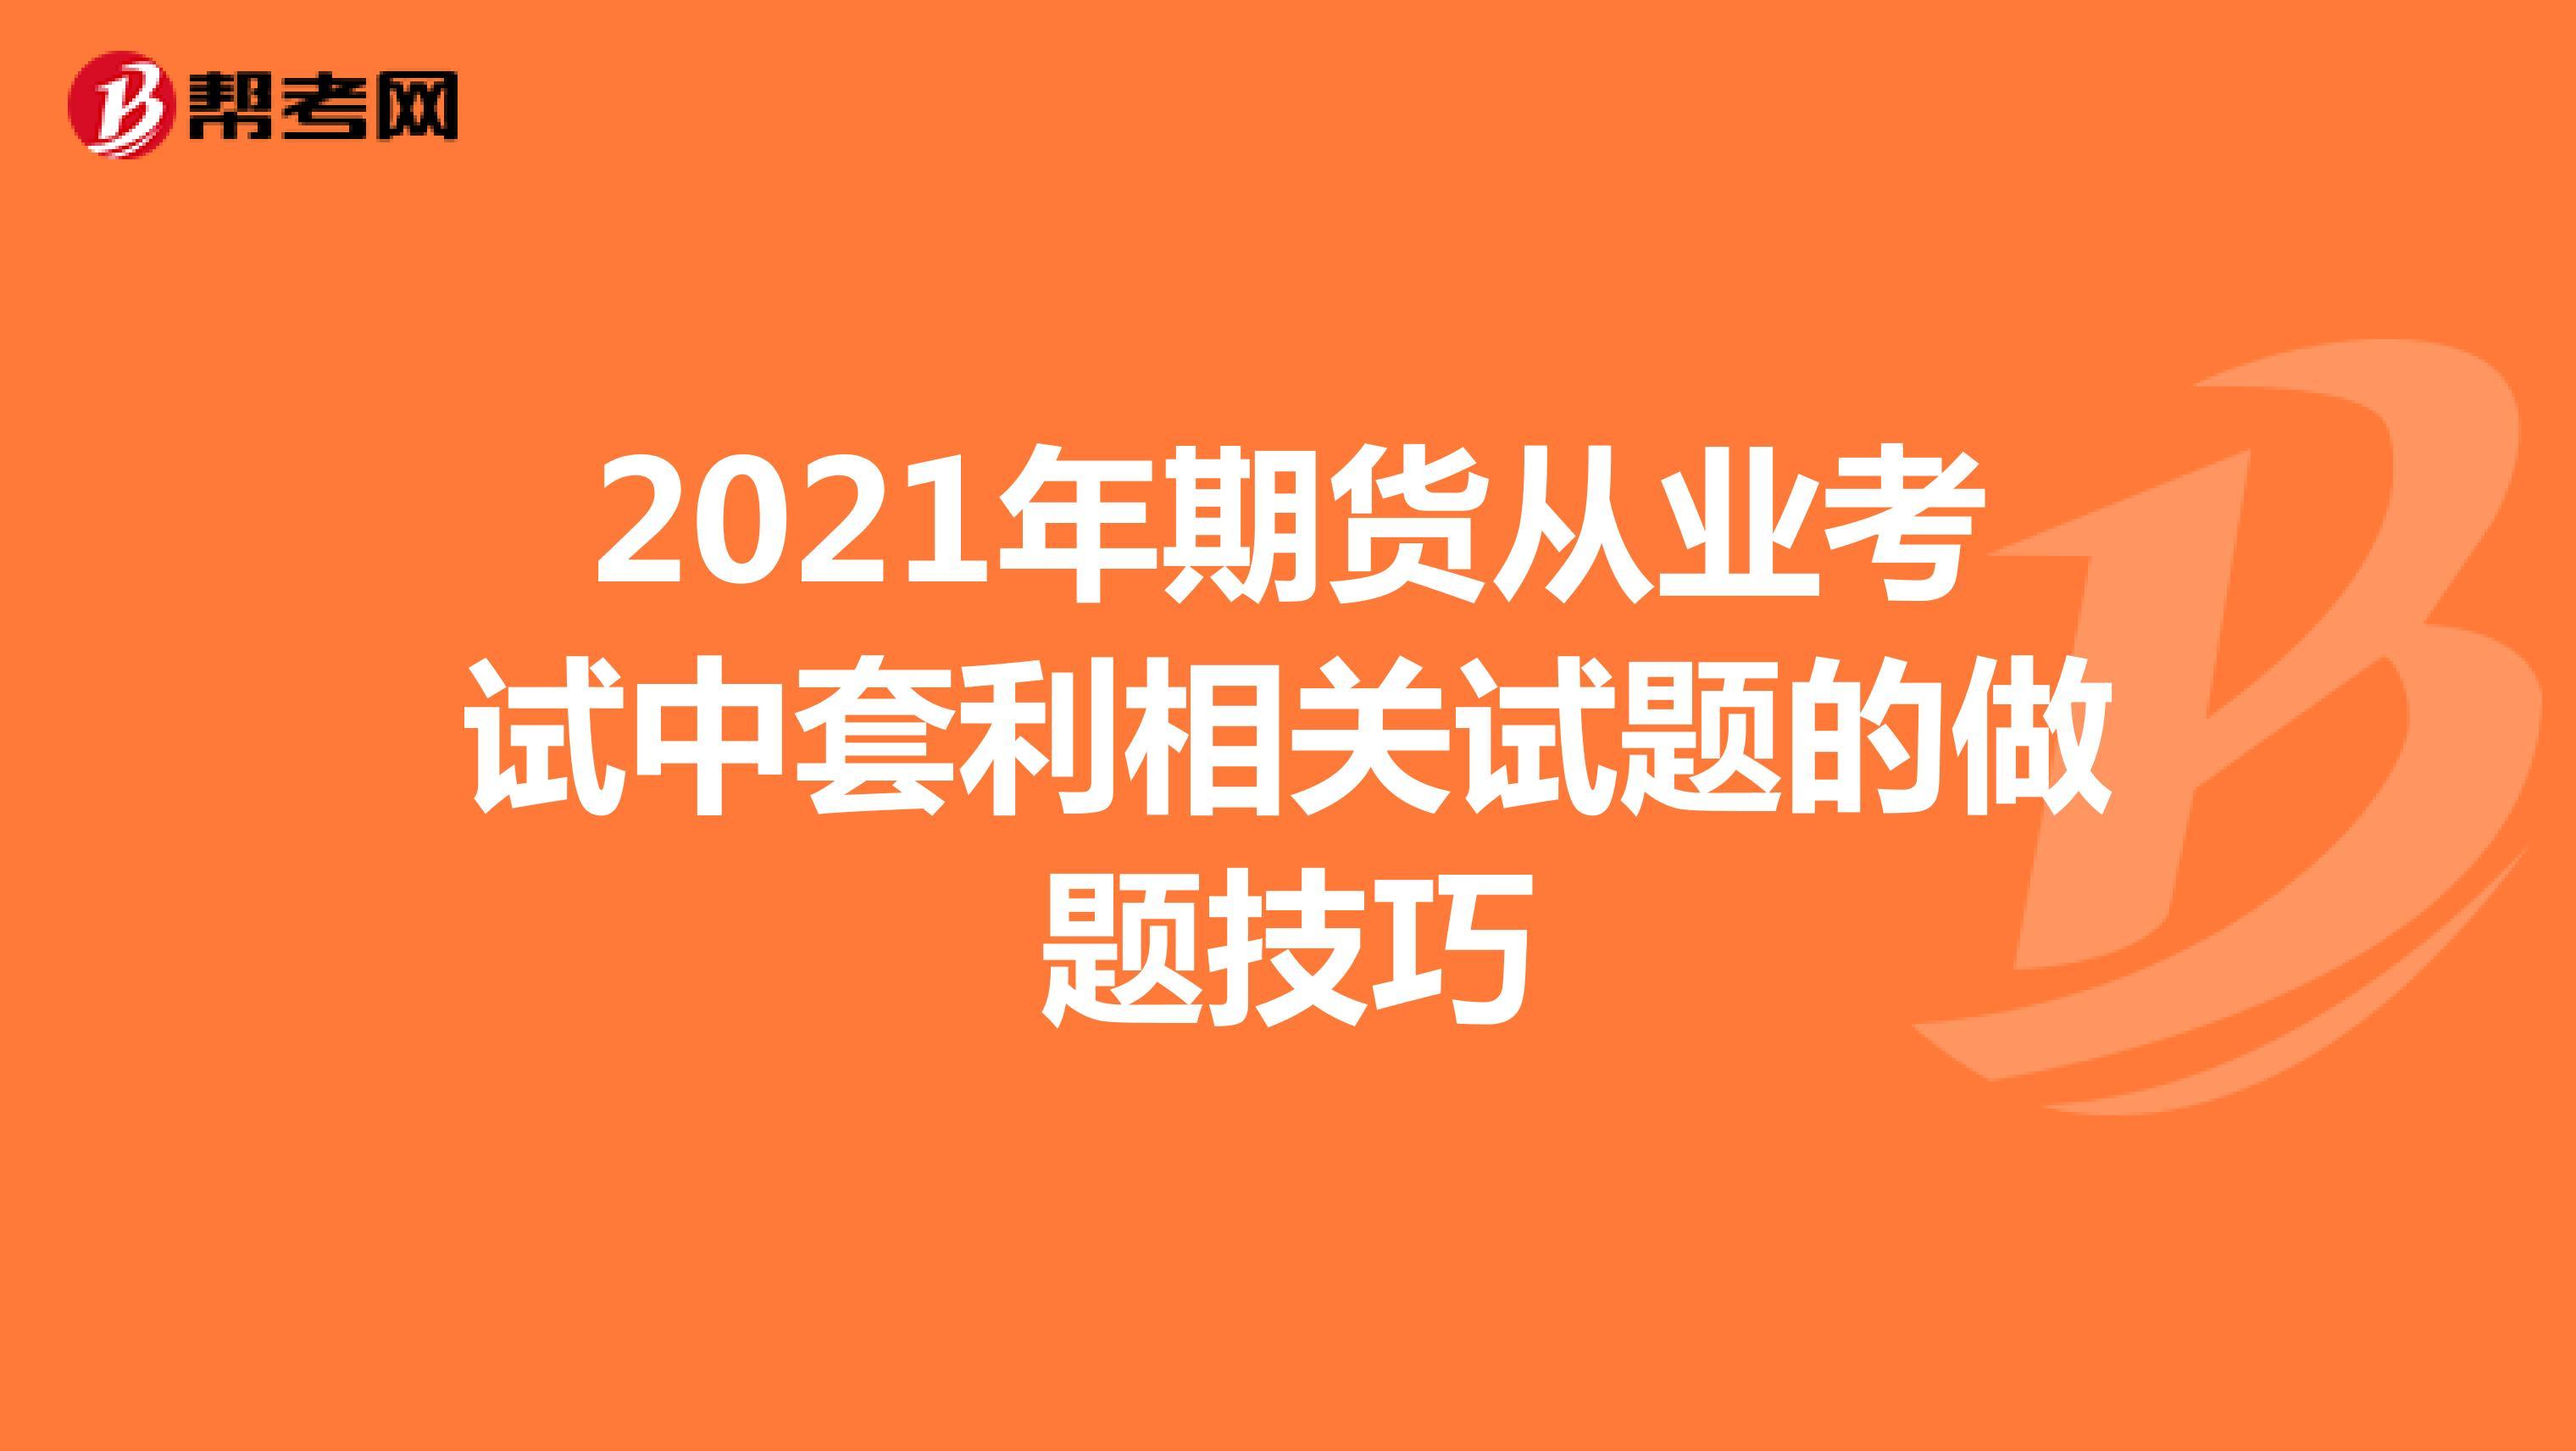 2021年期货从业考试中套利相关试题的做题技巧